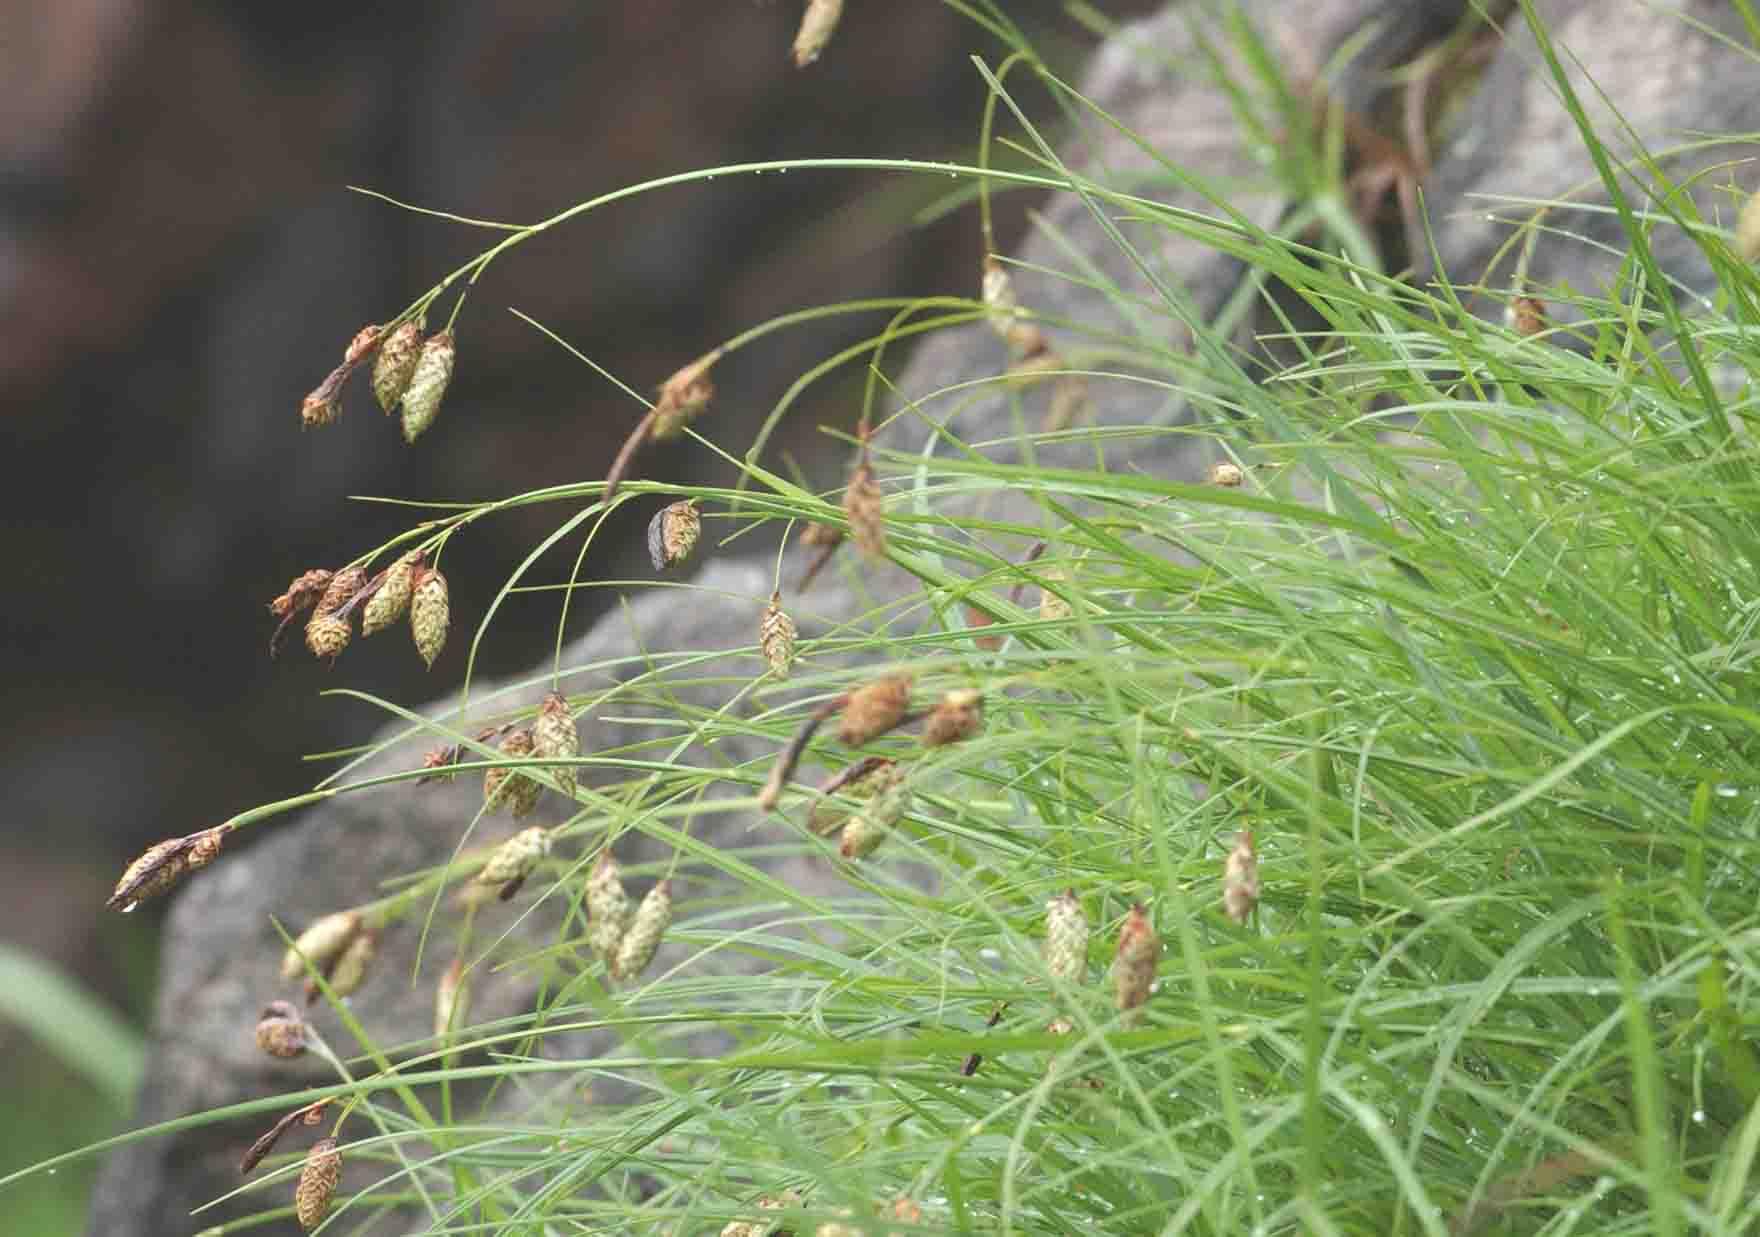 コタヌキラン(植物界のピーピング・トム): とし爺さんの花便り とし爺さんの花便り 花ある時は花